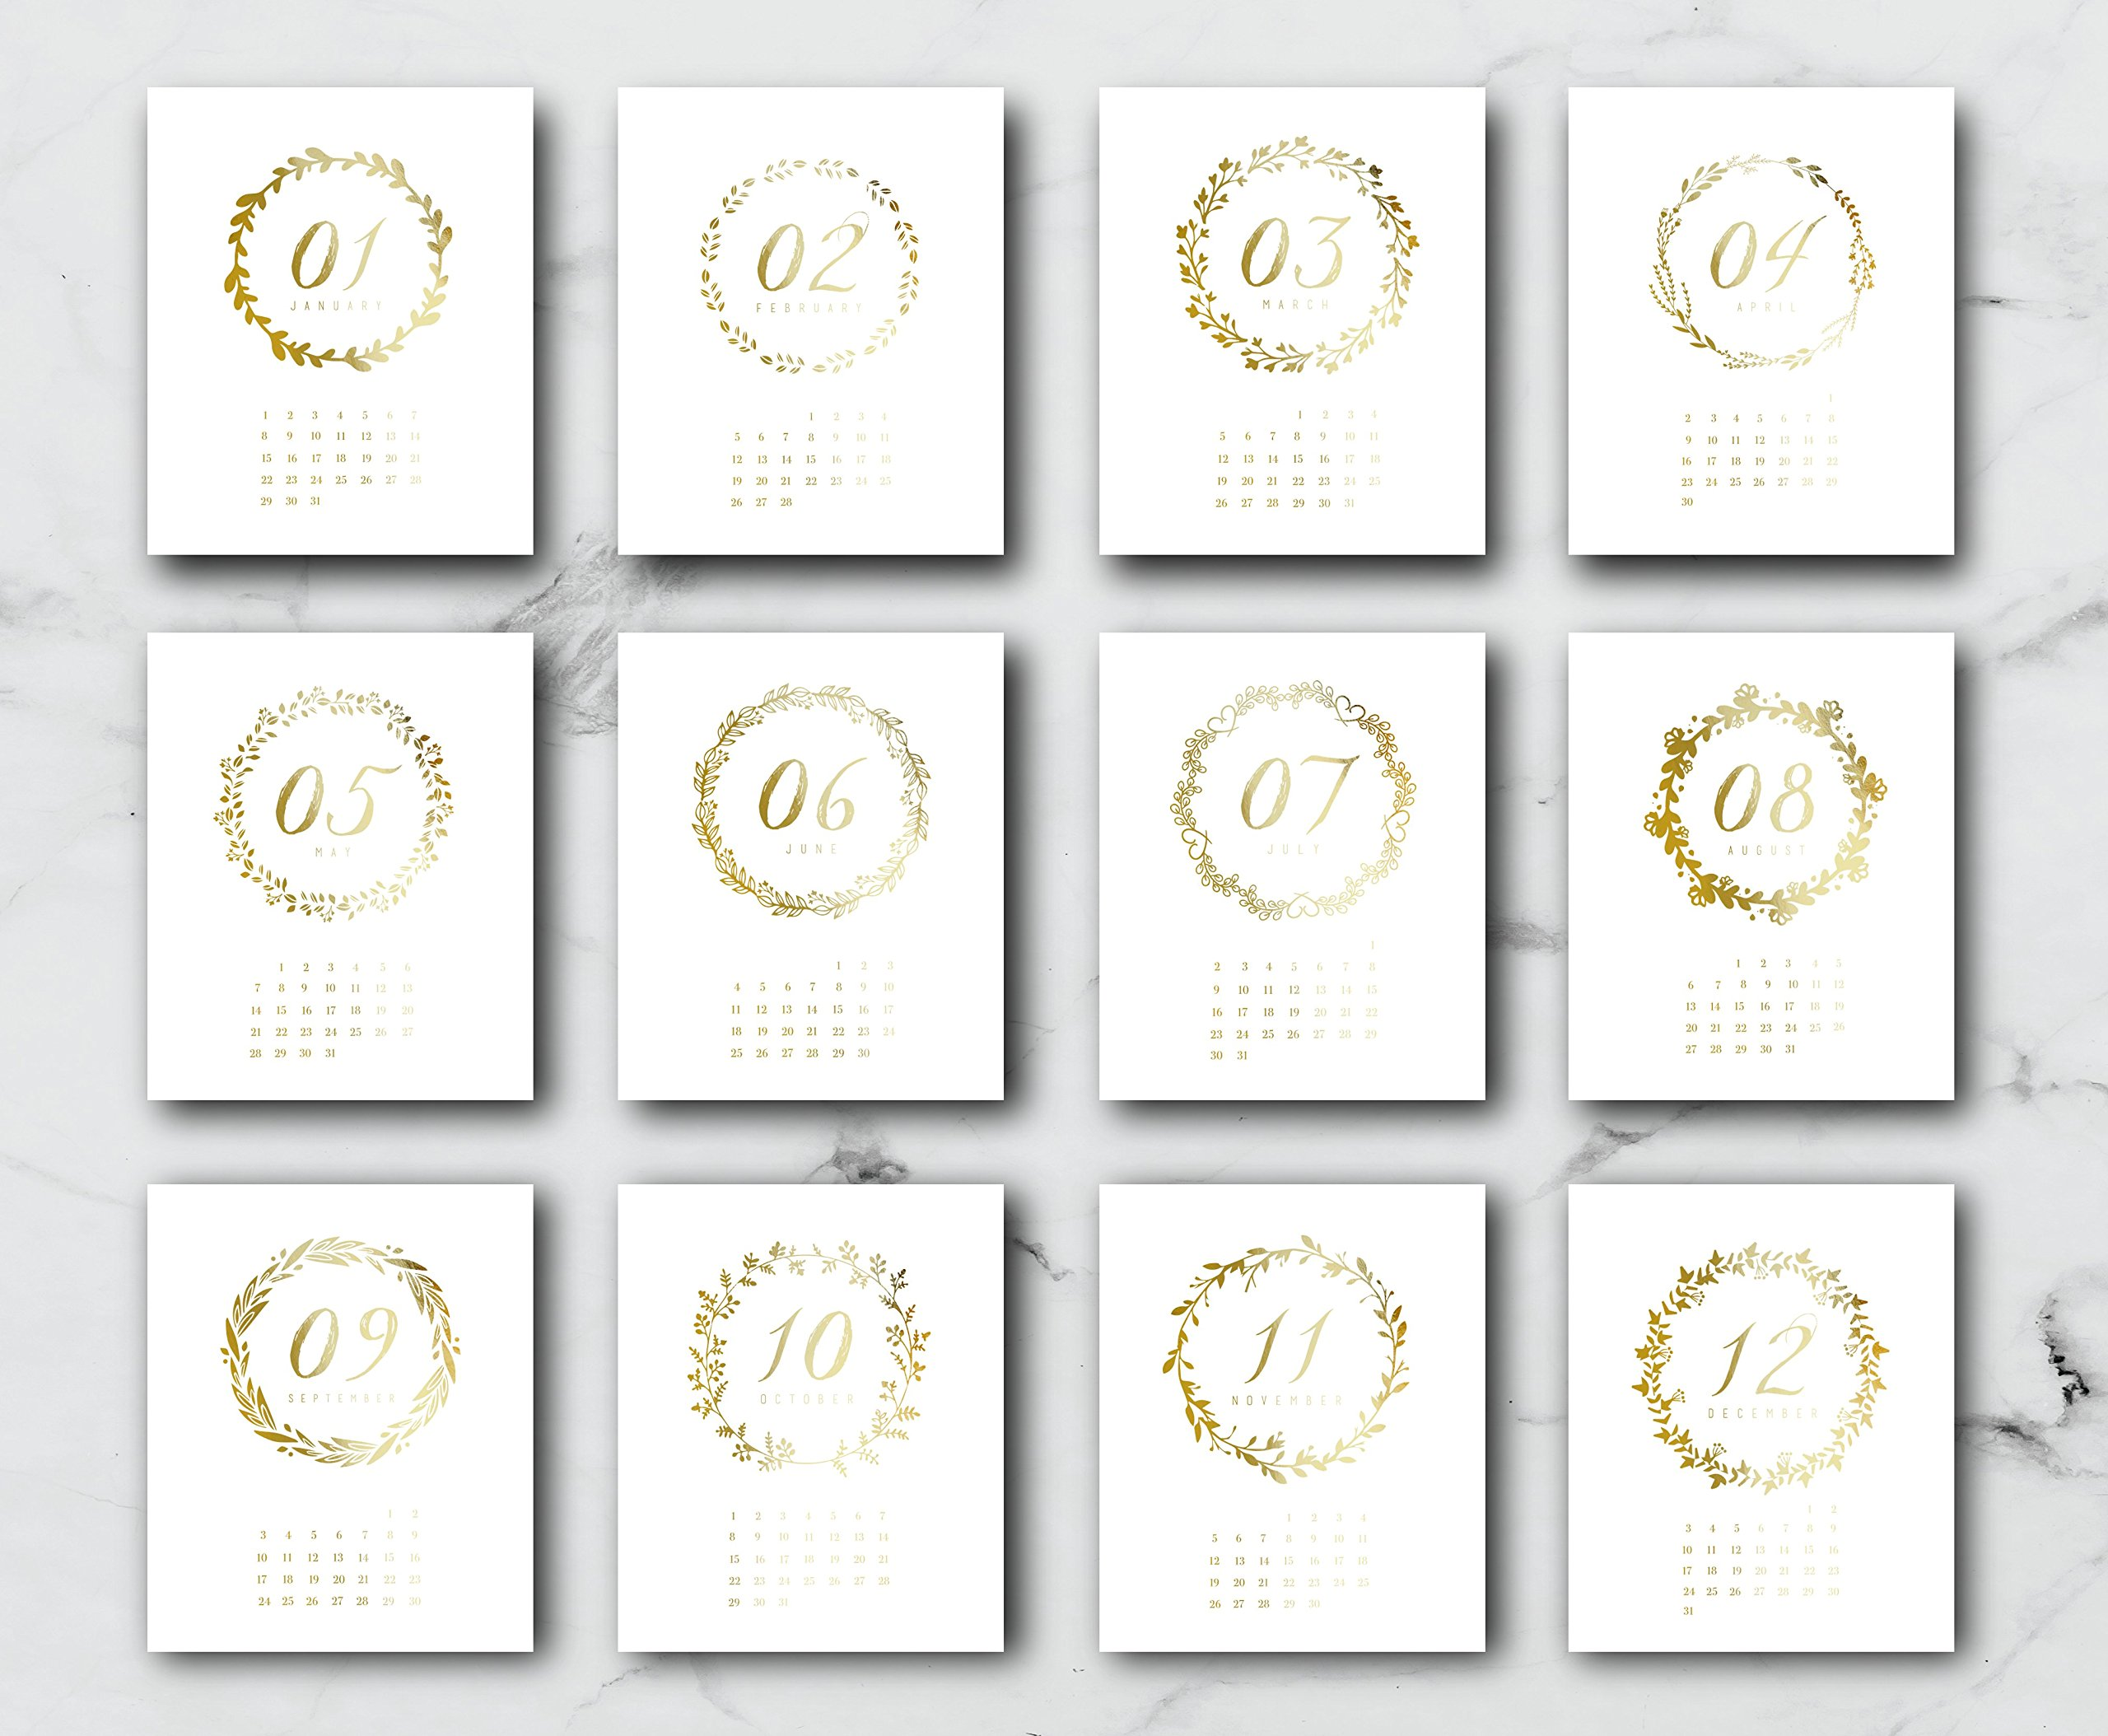 2018 Desktop Wreath Calendar, Card Stock Paper, Handmade Paper, Minimal Art, Christmas Gift, 2018 Calendar, Real Gold Foil, Modern Print